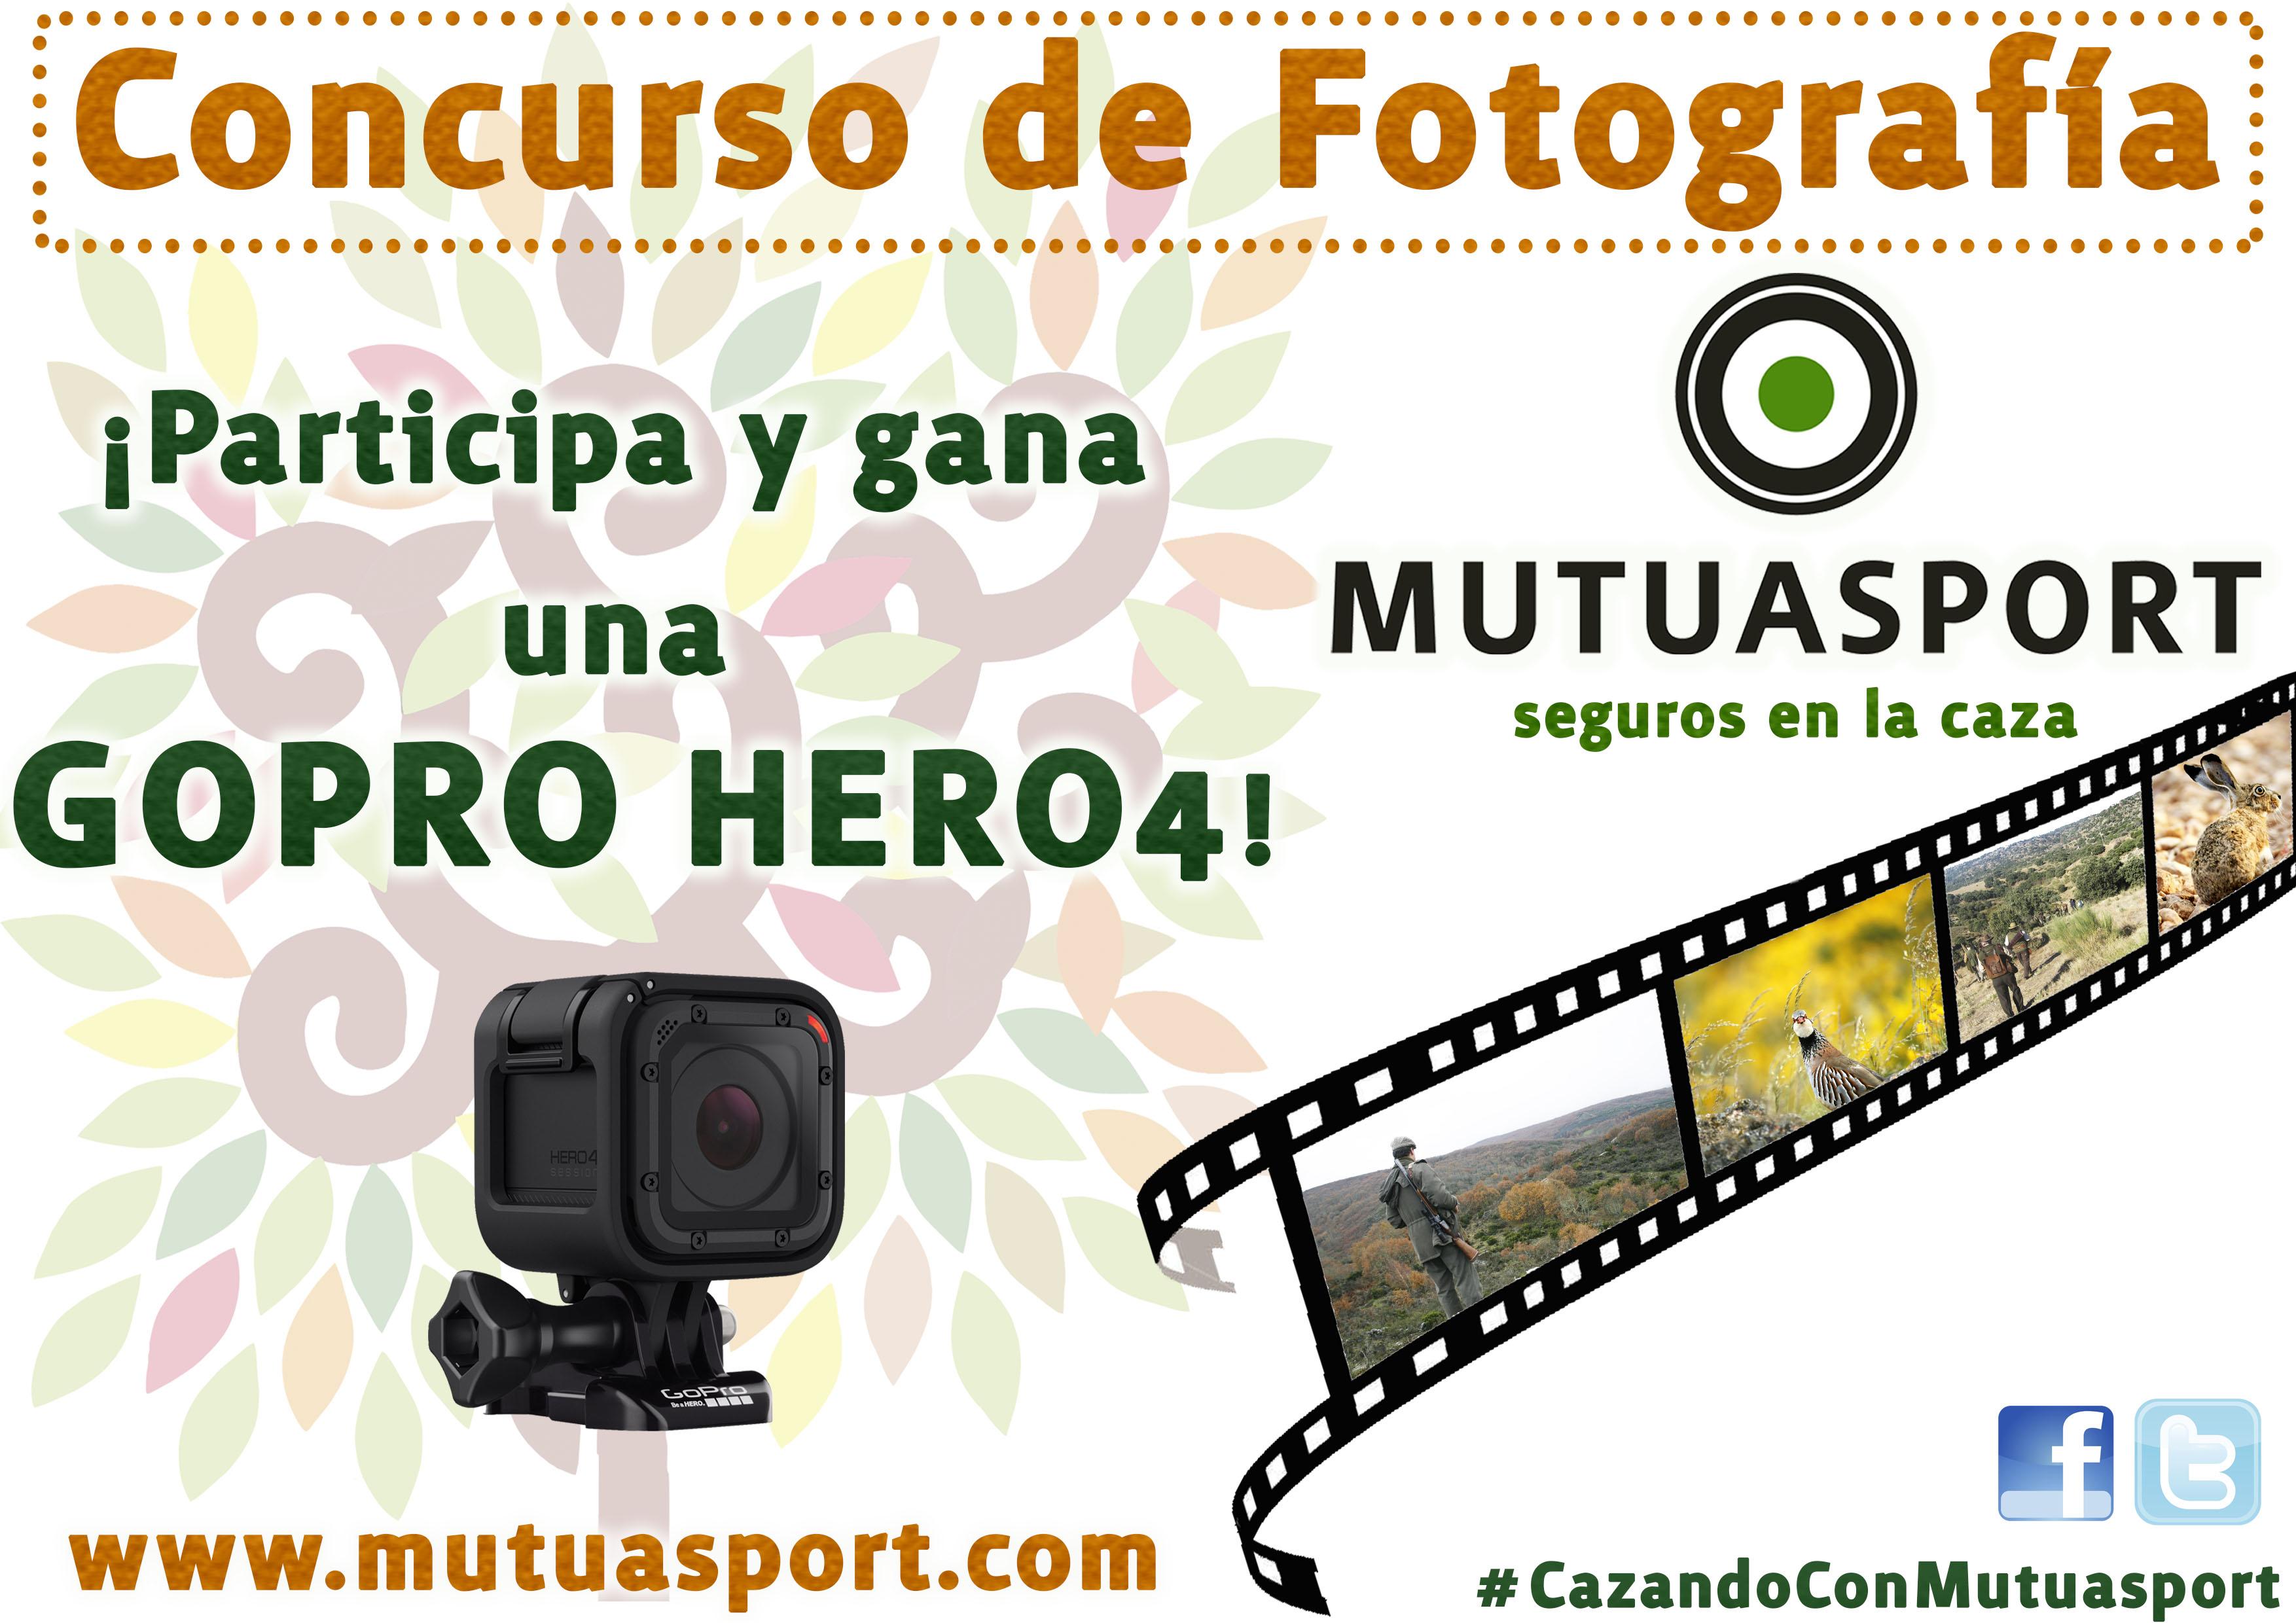 Comienza el concurso de fotografía #CazandoConMutuasport